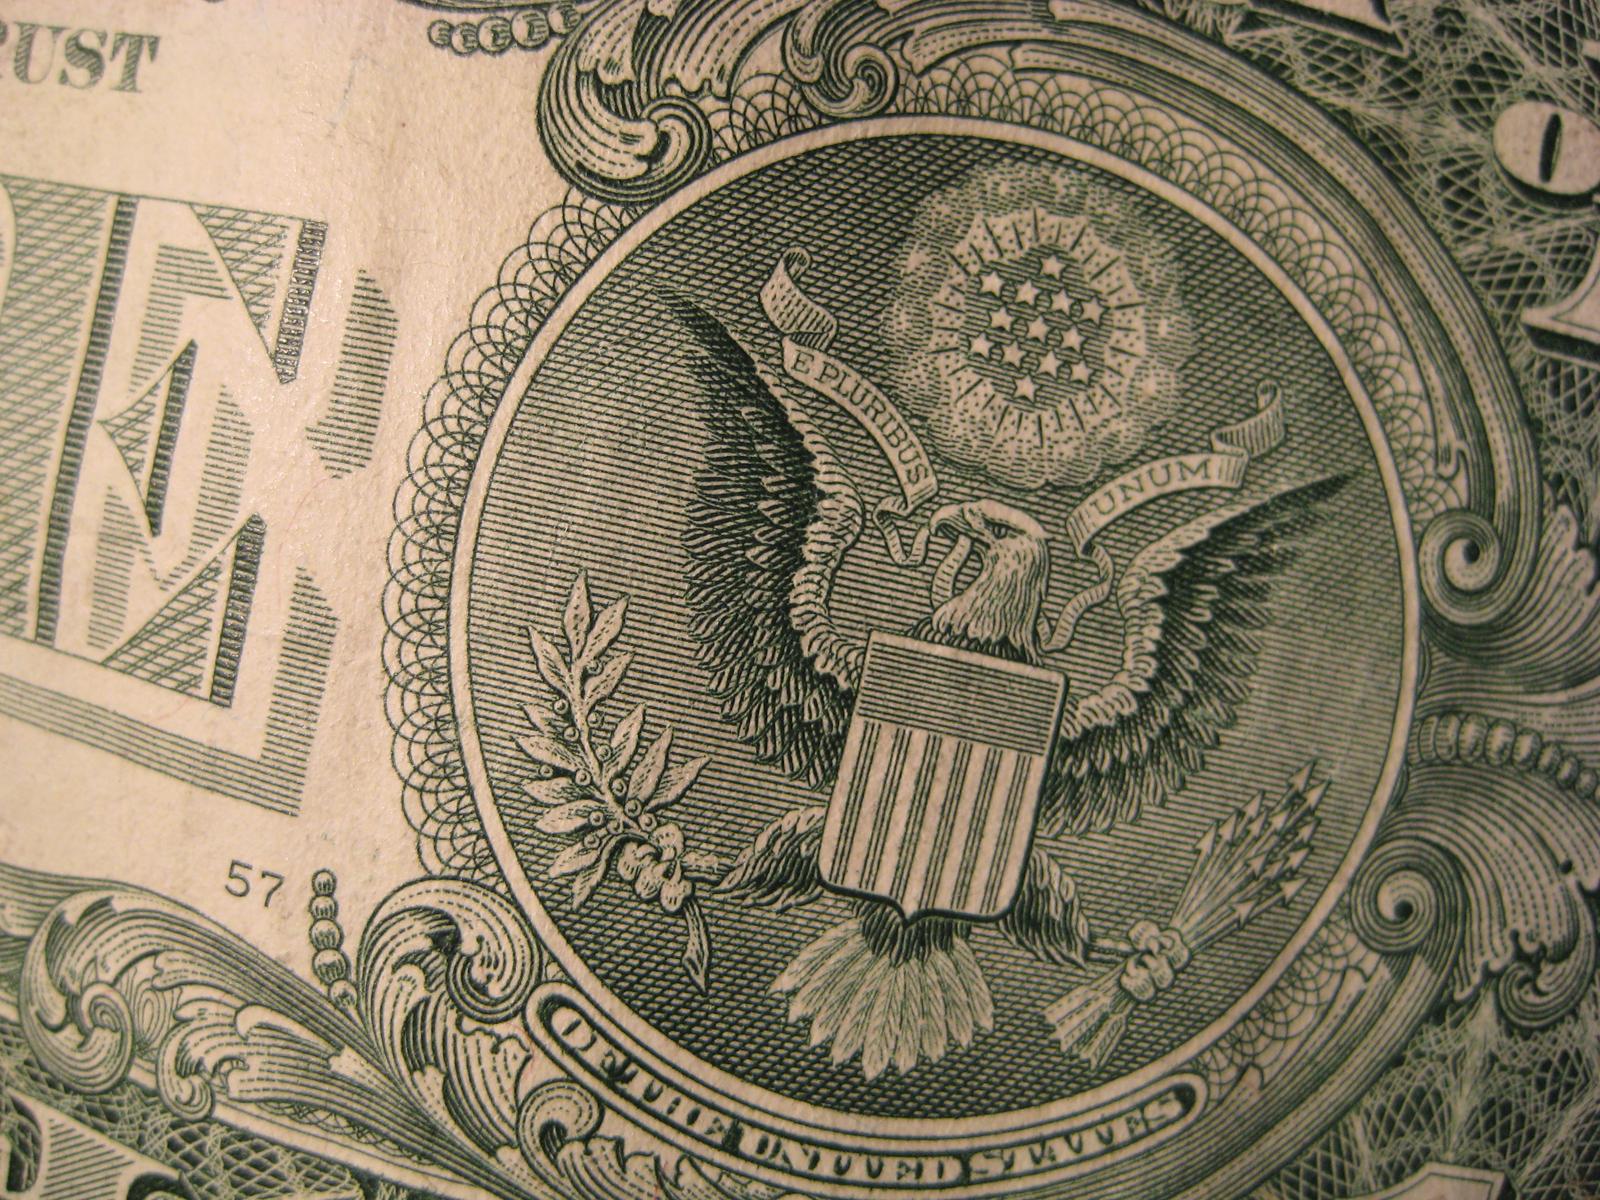 http://2.bp.blogspot.com/-Zbx7AMIS-1U/TjgRvLfOCrI/AAAAAAAACeE/Etsjgo622pw/s1600/Money_HD_Wallpaper_Stock_Pao_2.jpg